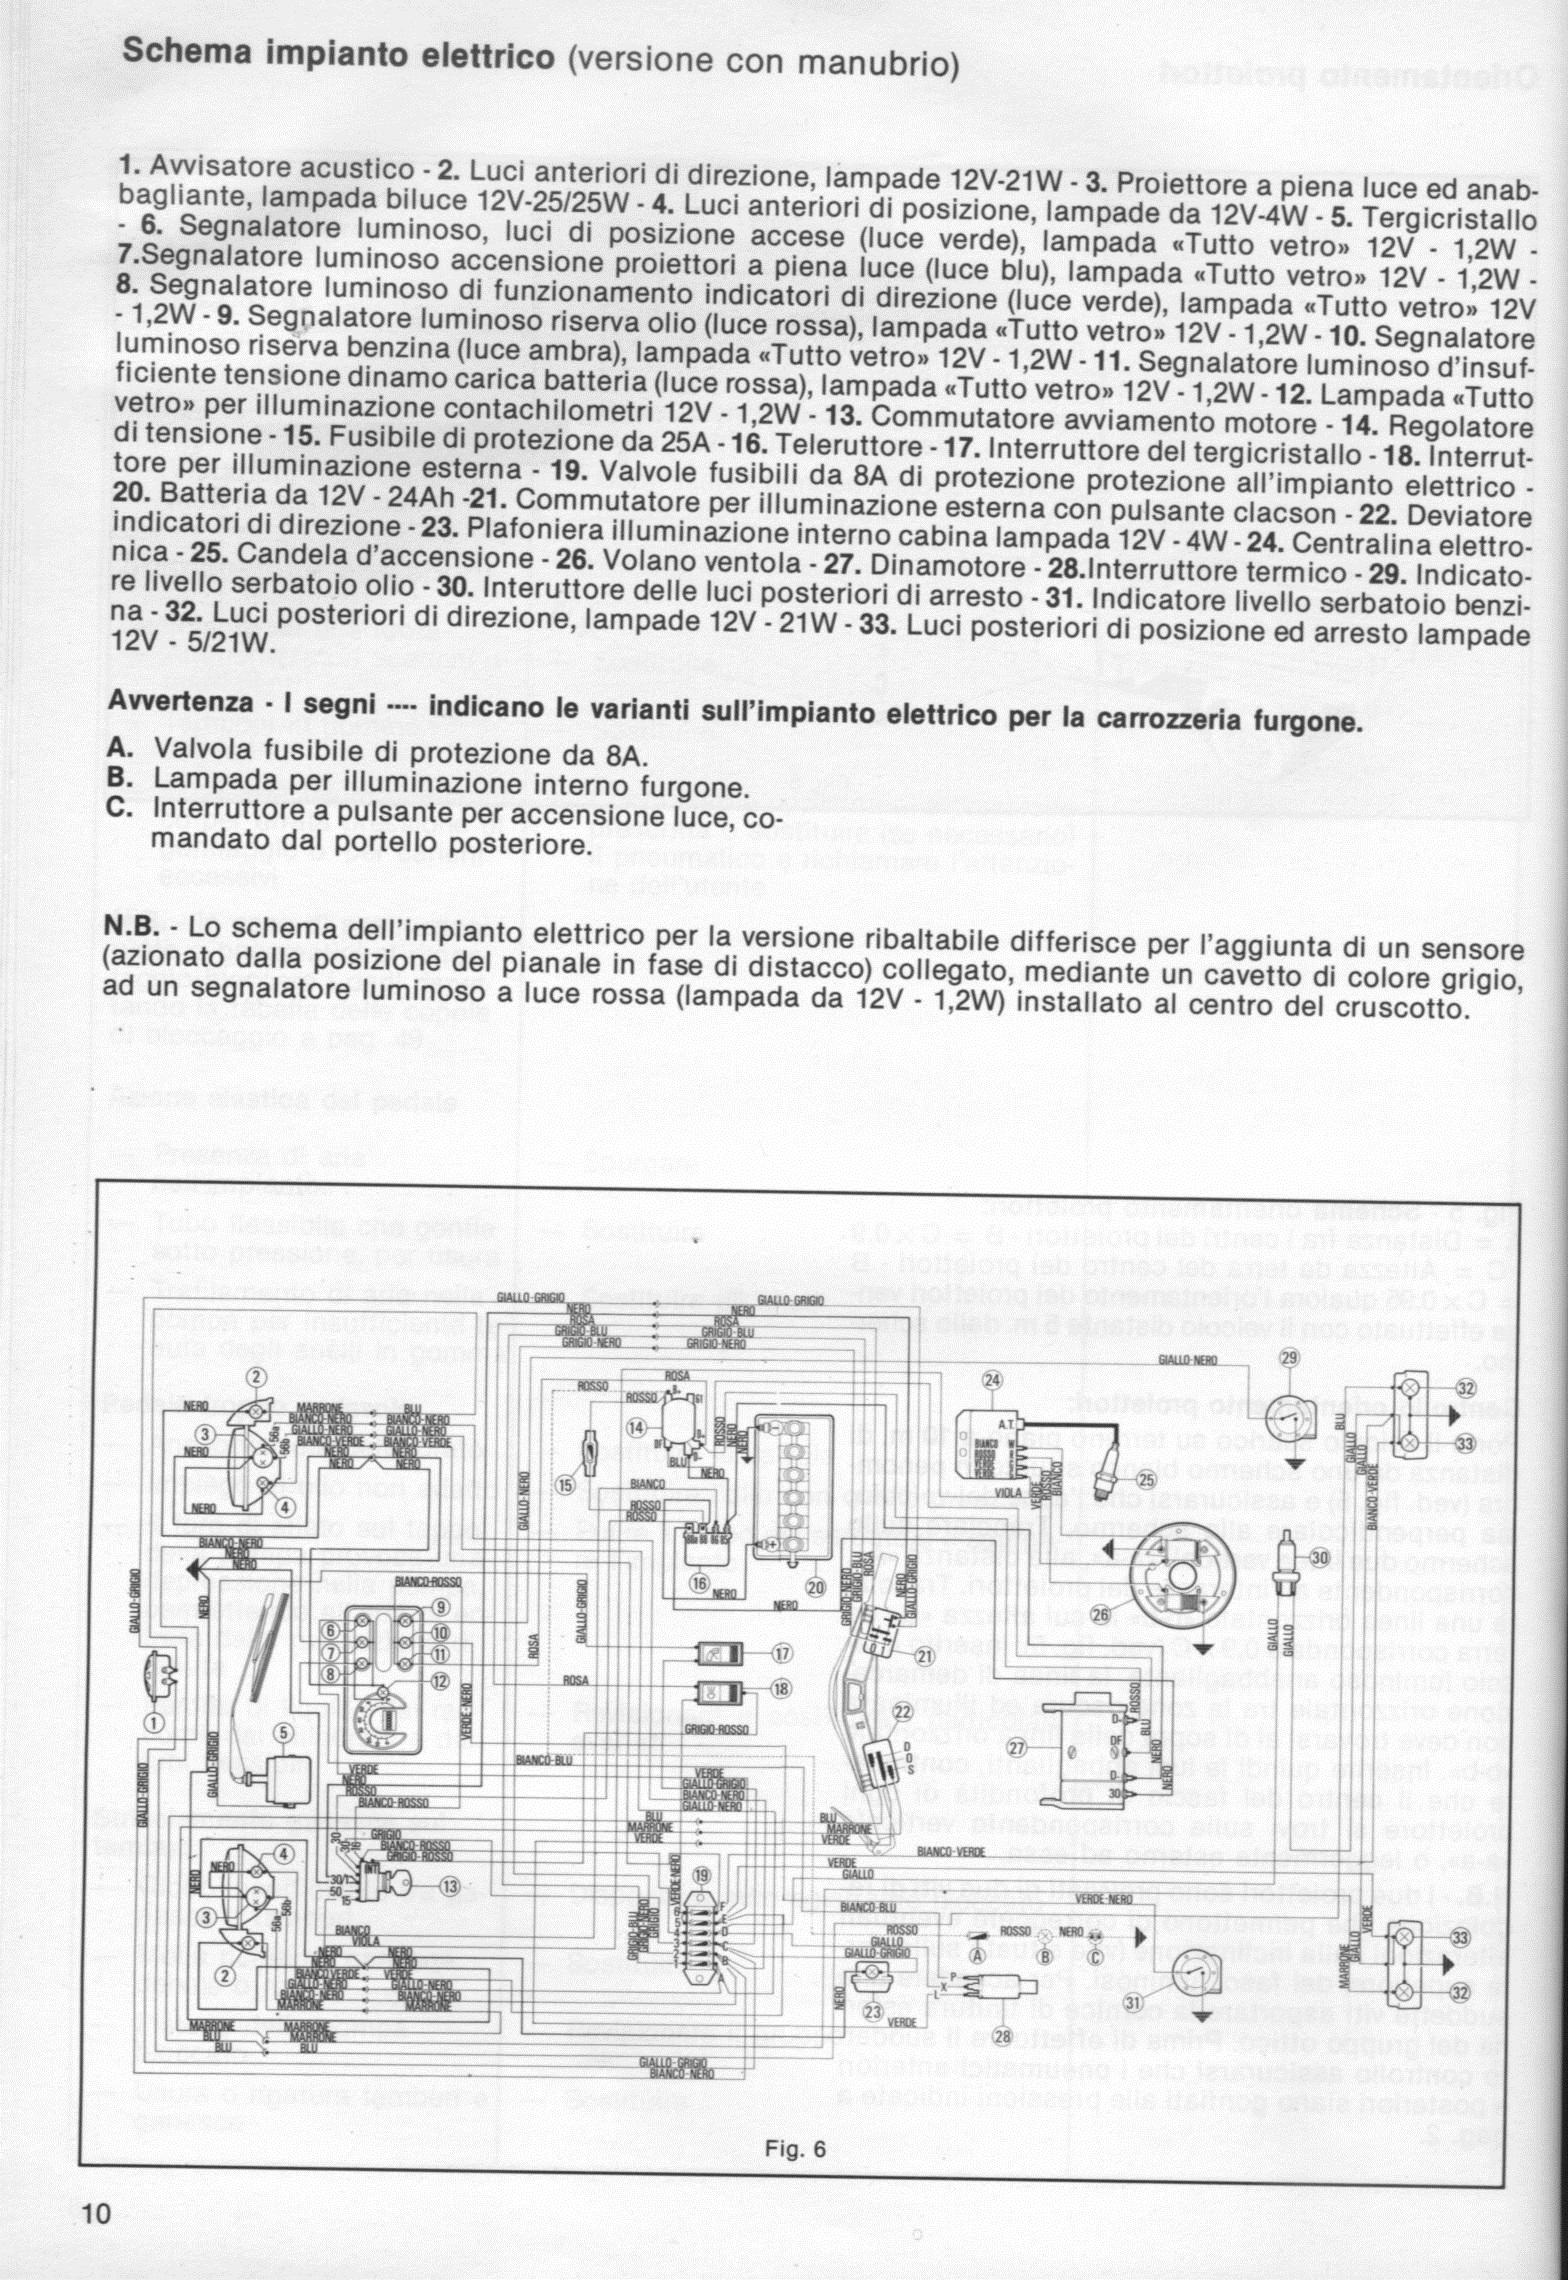 Schema Elettrico Zip Piaggio : Tecnica ape piaggio tm p atm caratteristiche